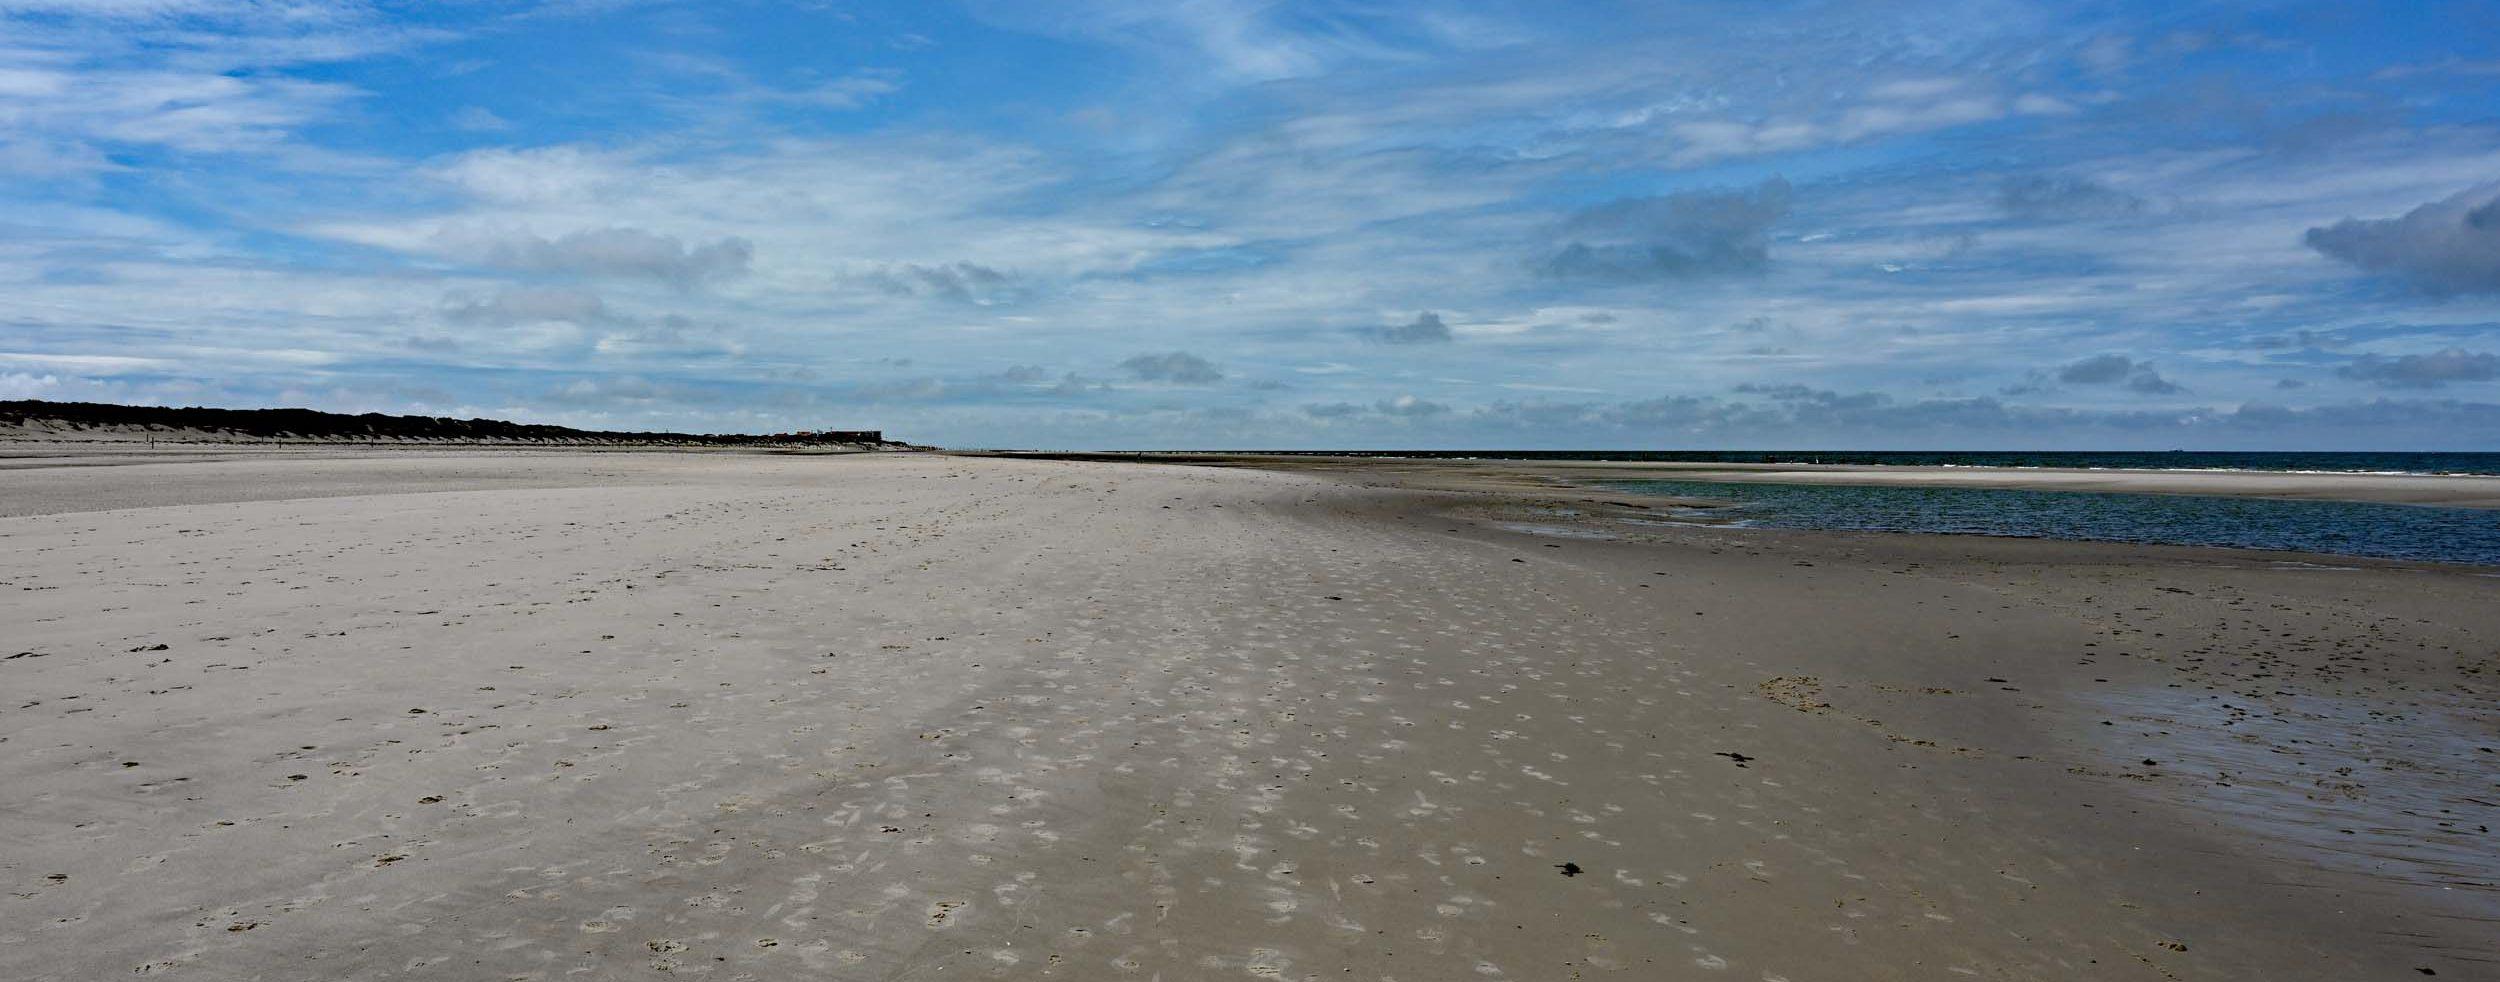 Weiter Strand im Westen der Insel